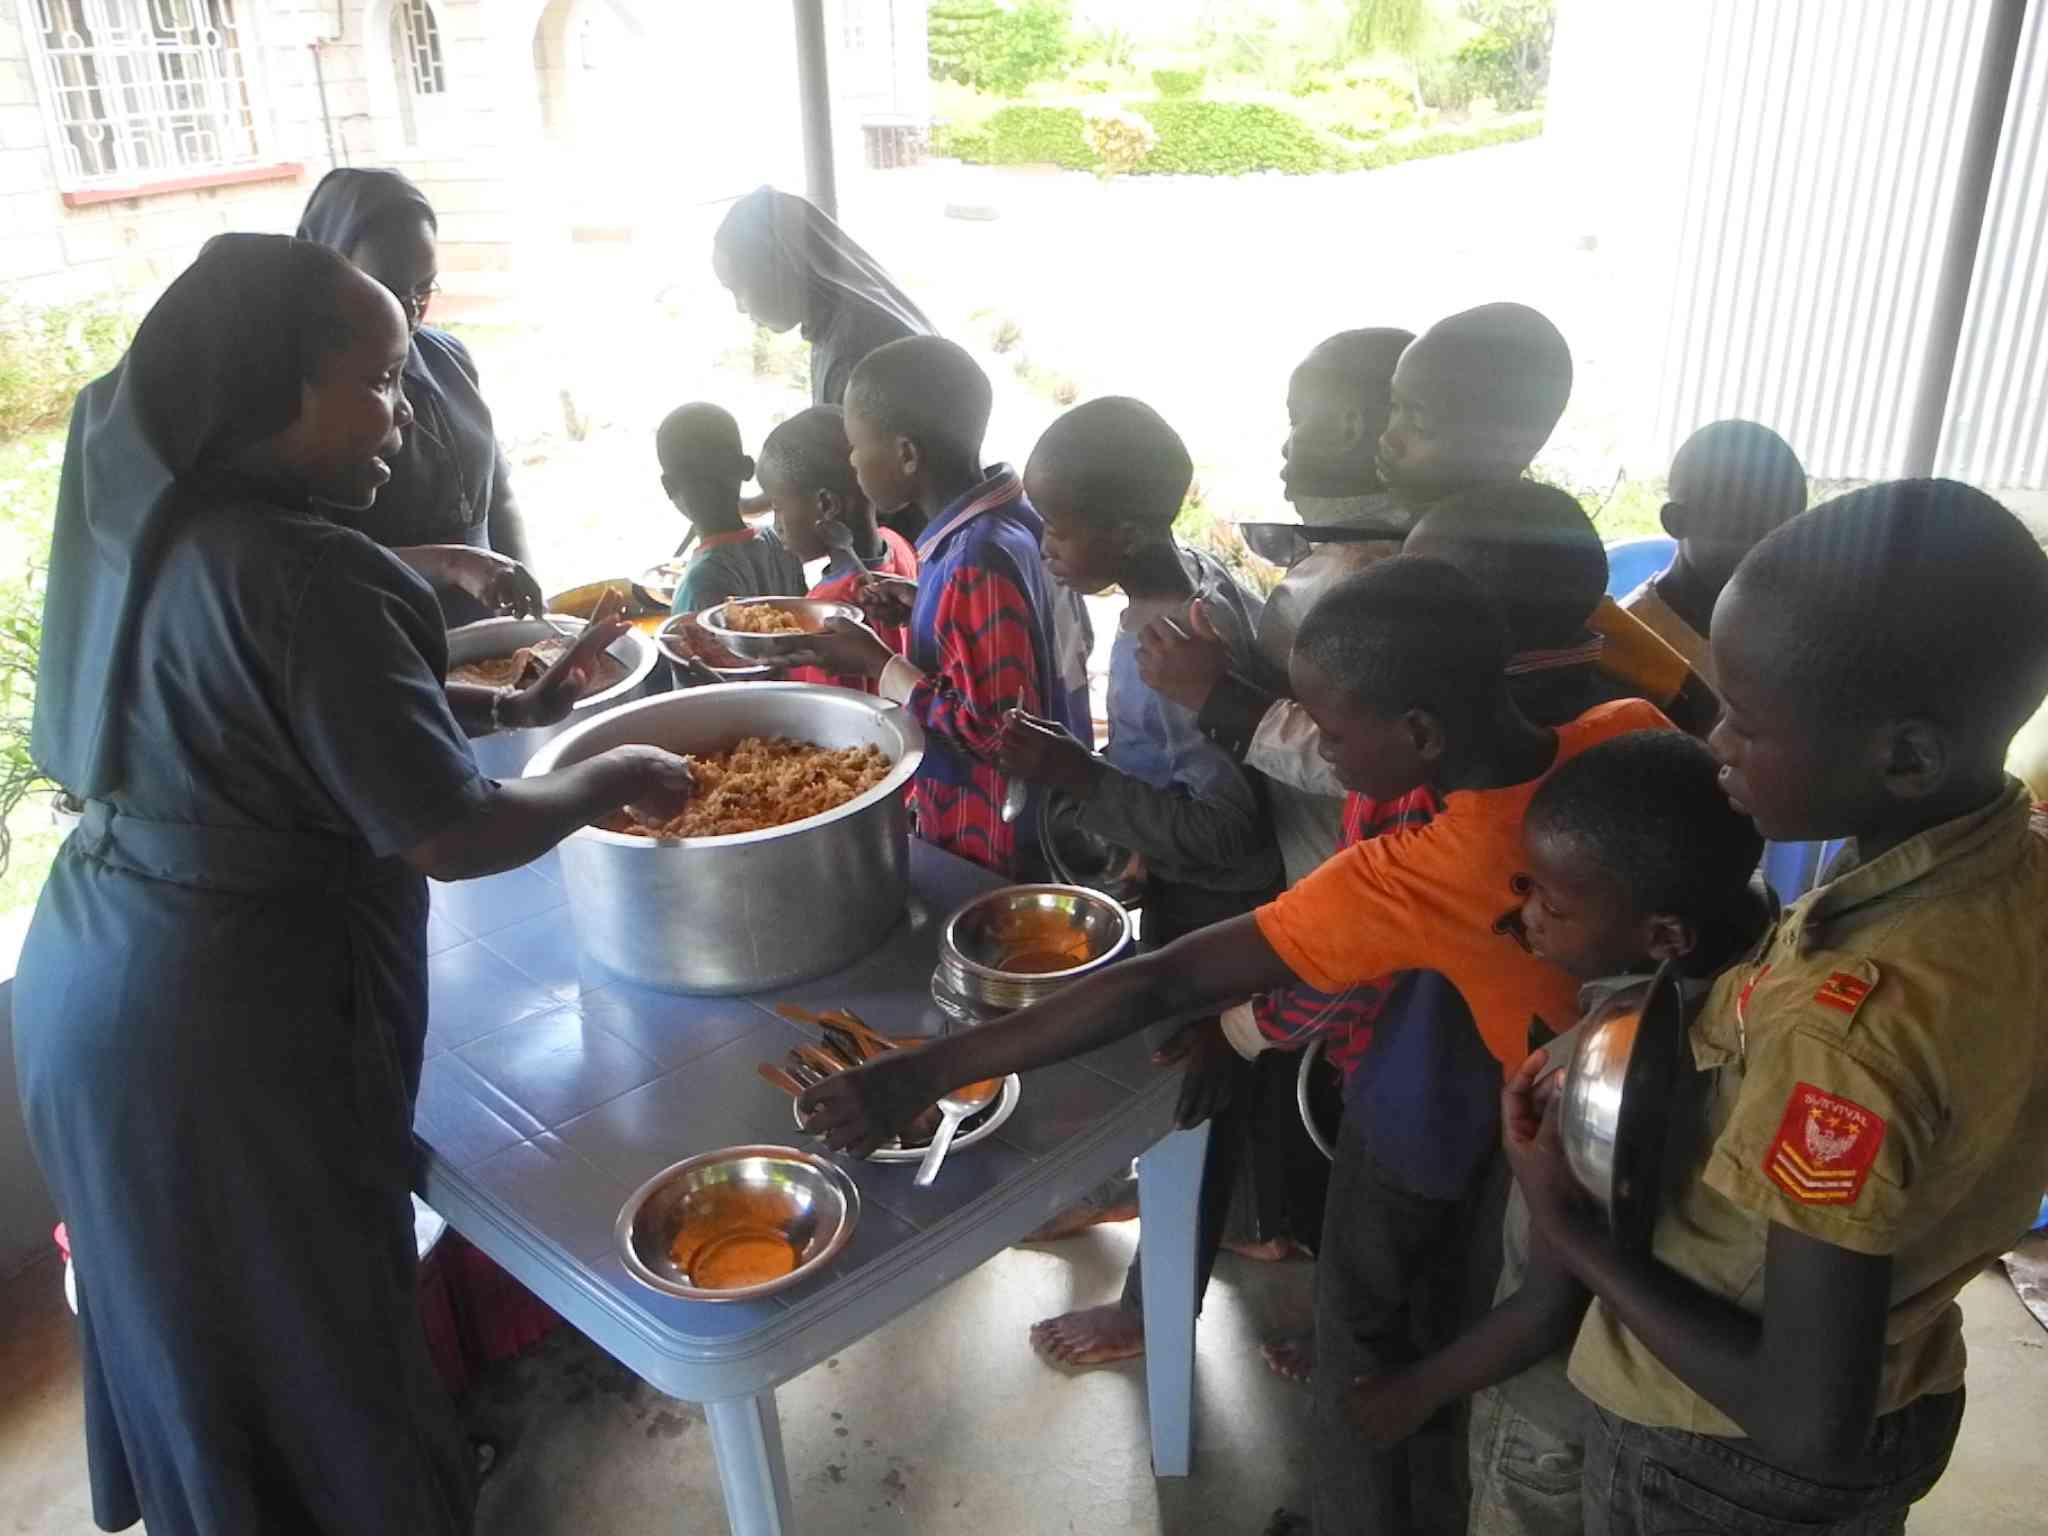 Sister Purity und Sister Faith bei der Essensausgabe